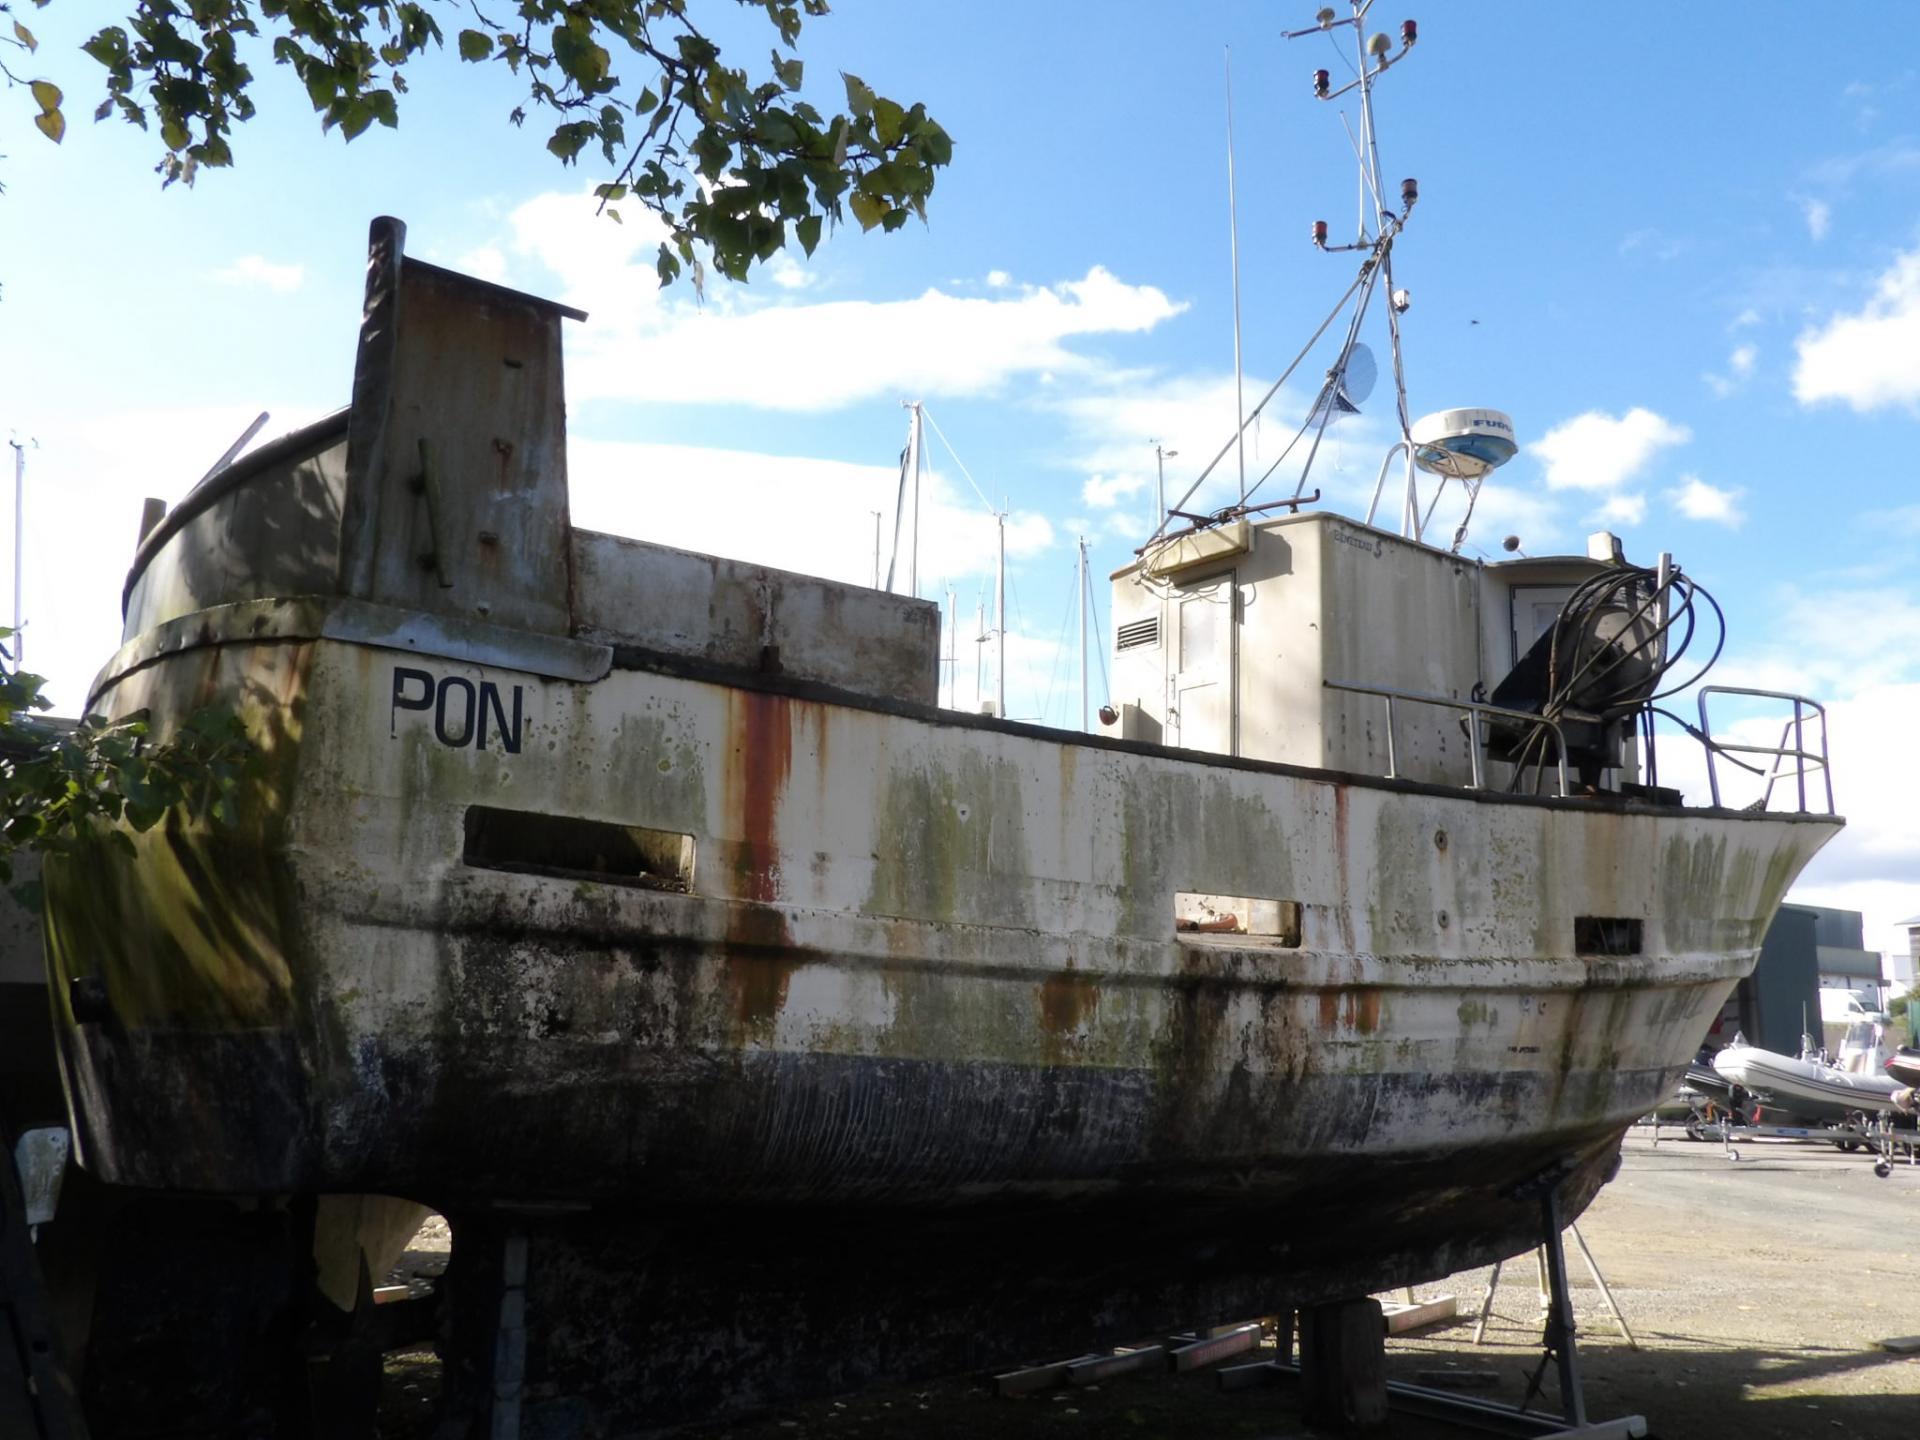 201015 pont gall cc port a sec a